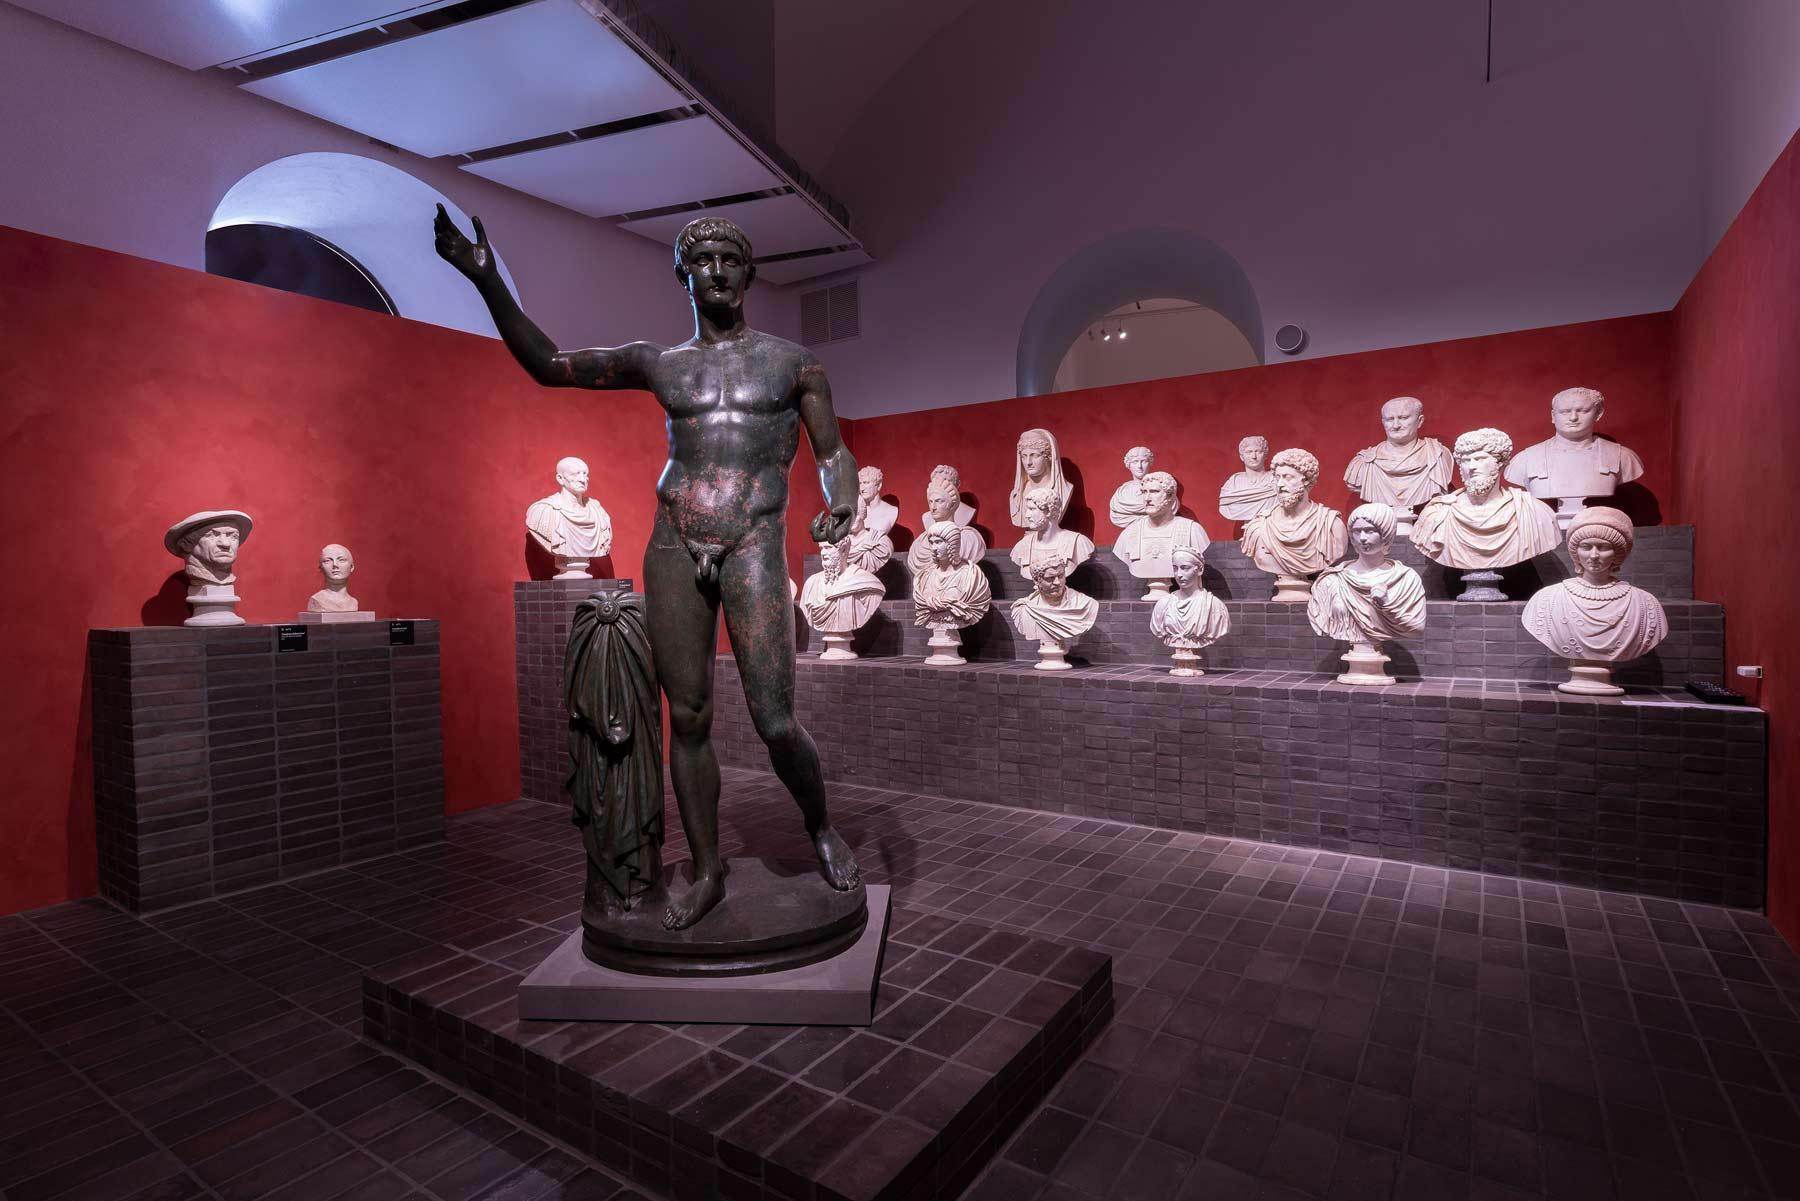 Roma, parte la grande mostra sui marmi Torlonia (pensando già alla sede definitiva). Le foto